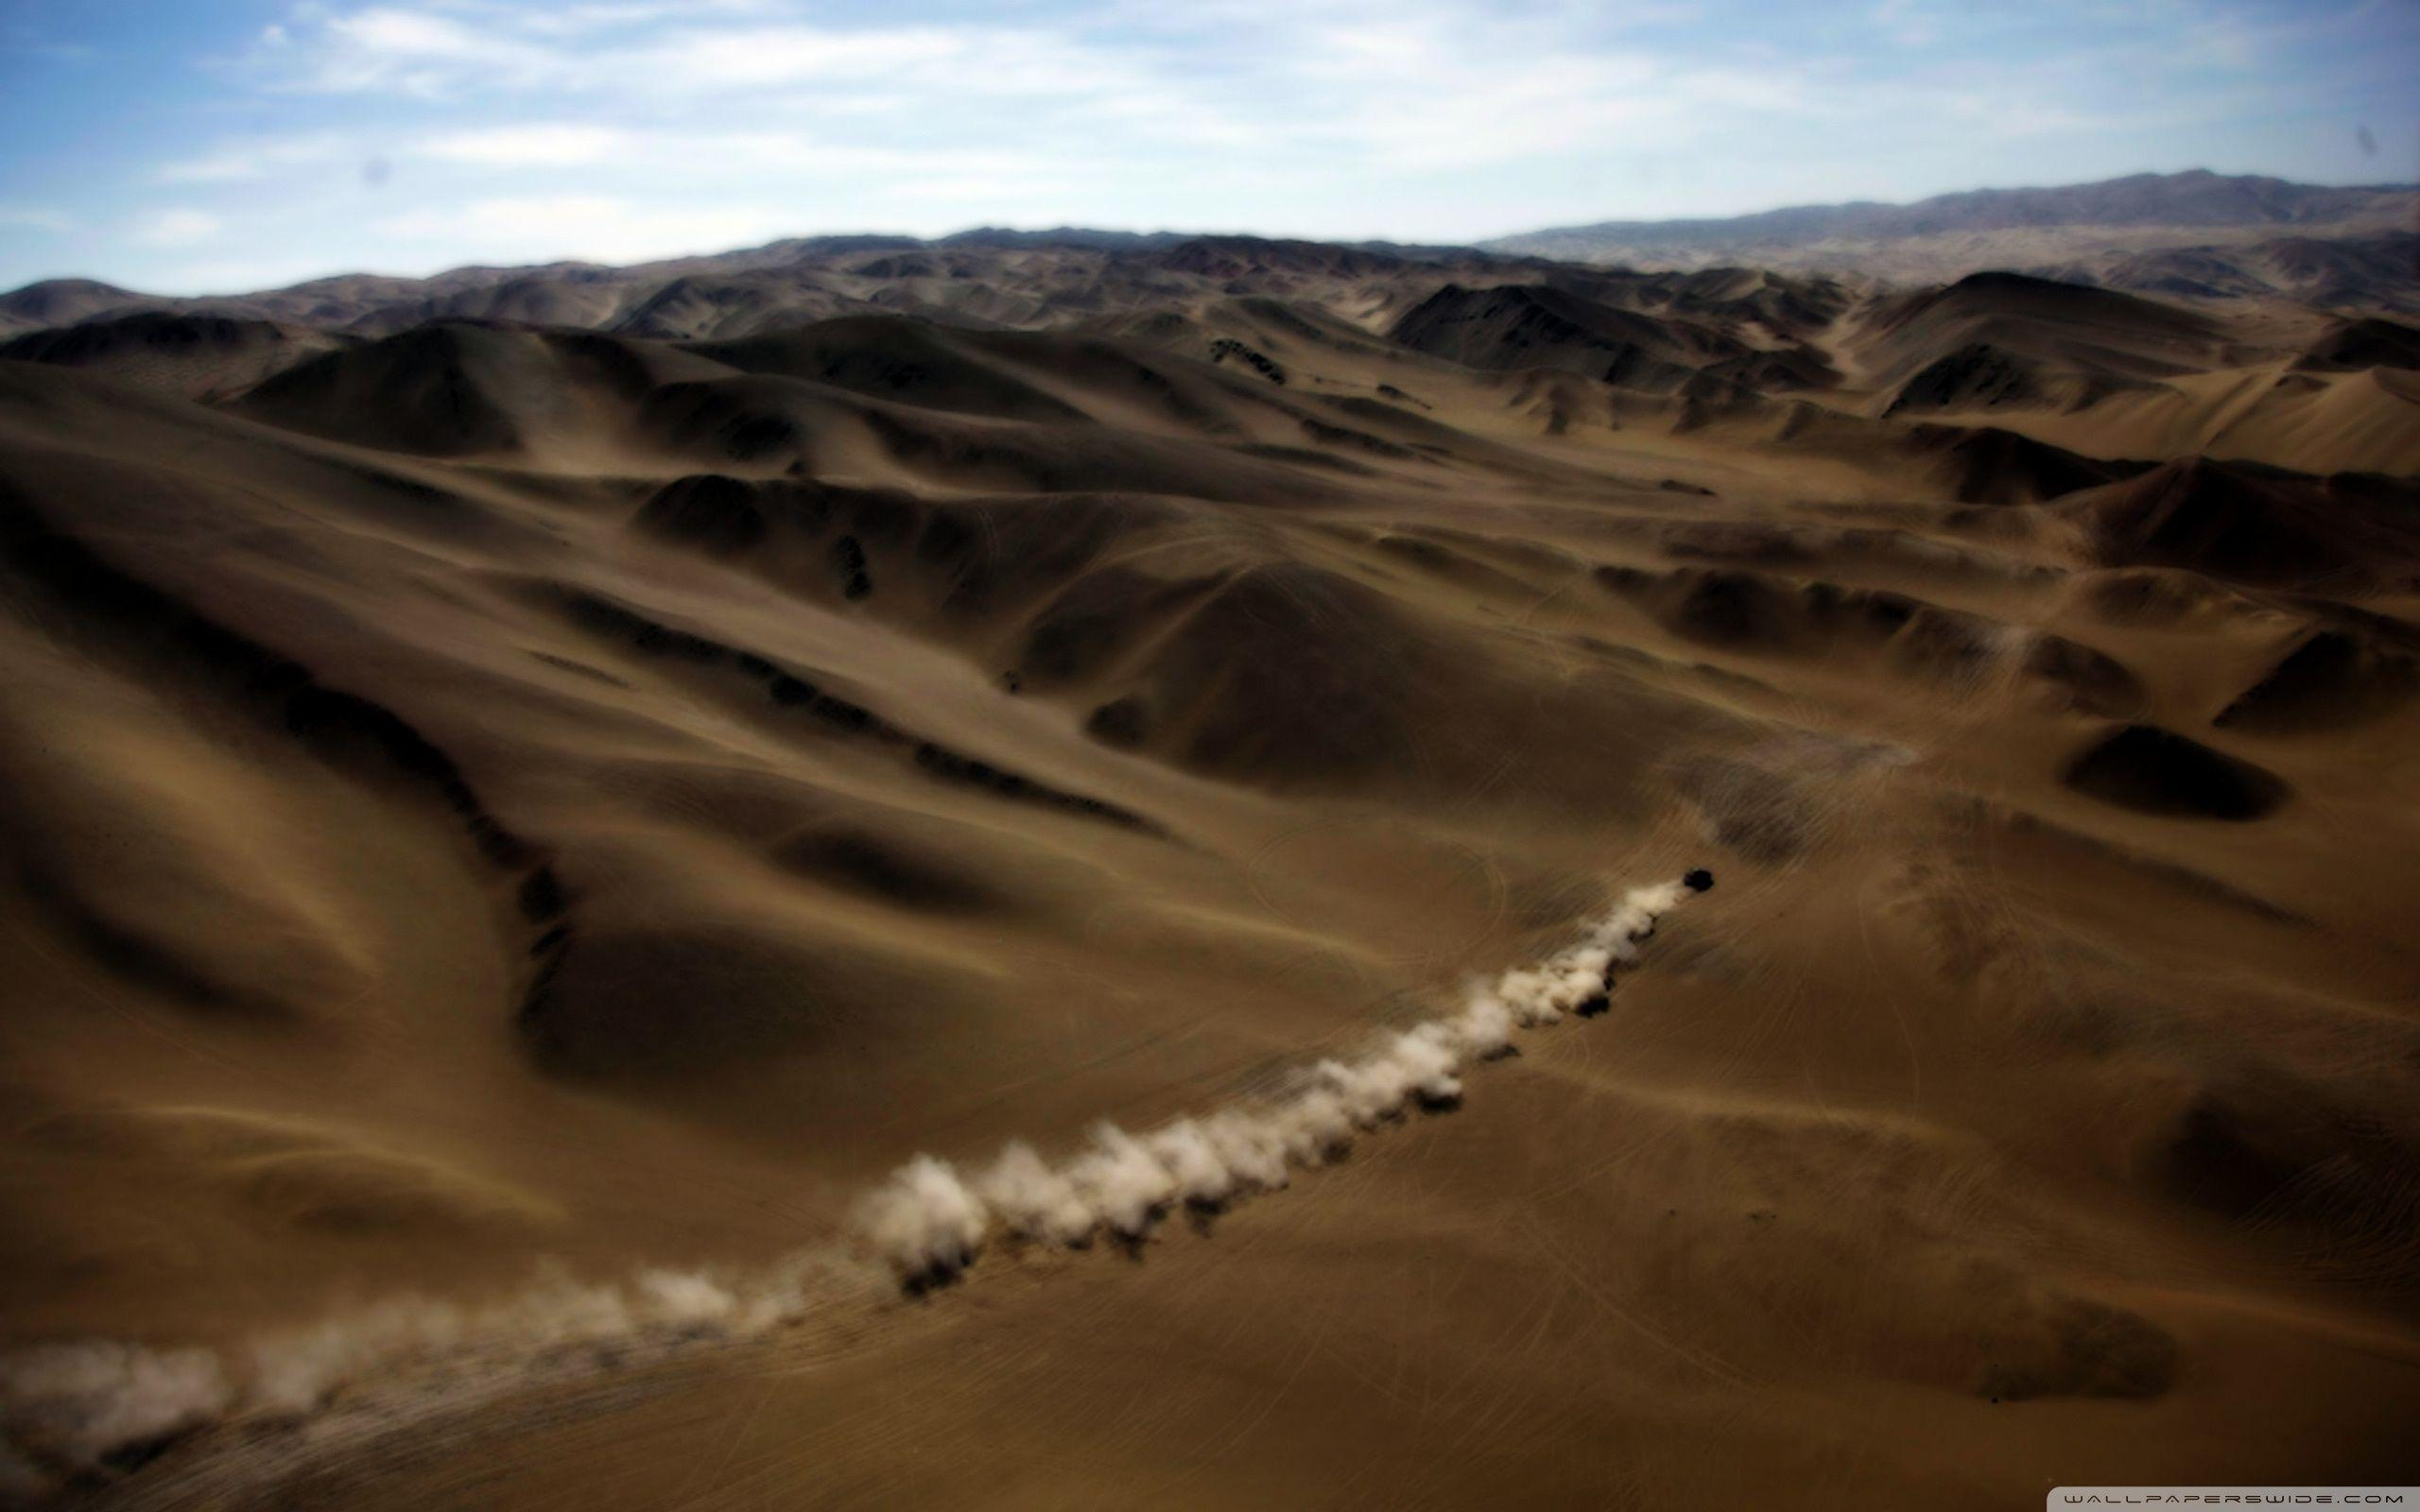 Desert Rally HD desktop wallpaper : High Definition : Fullscreen ...